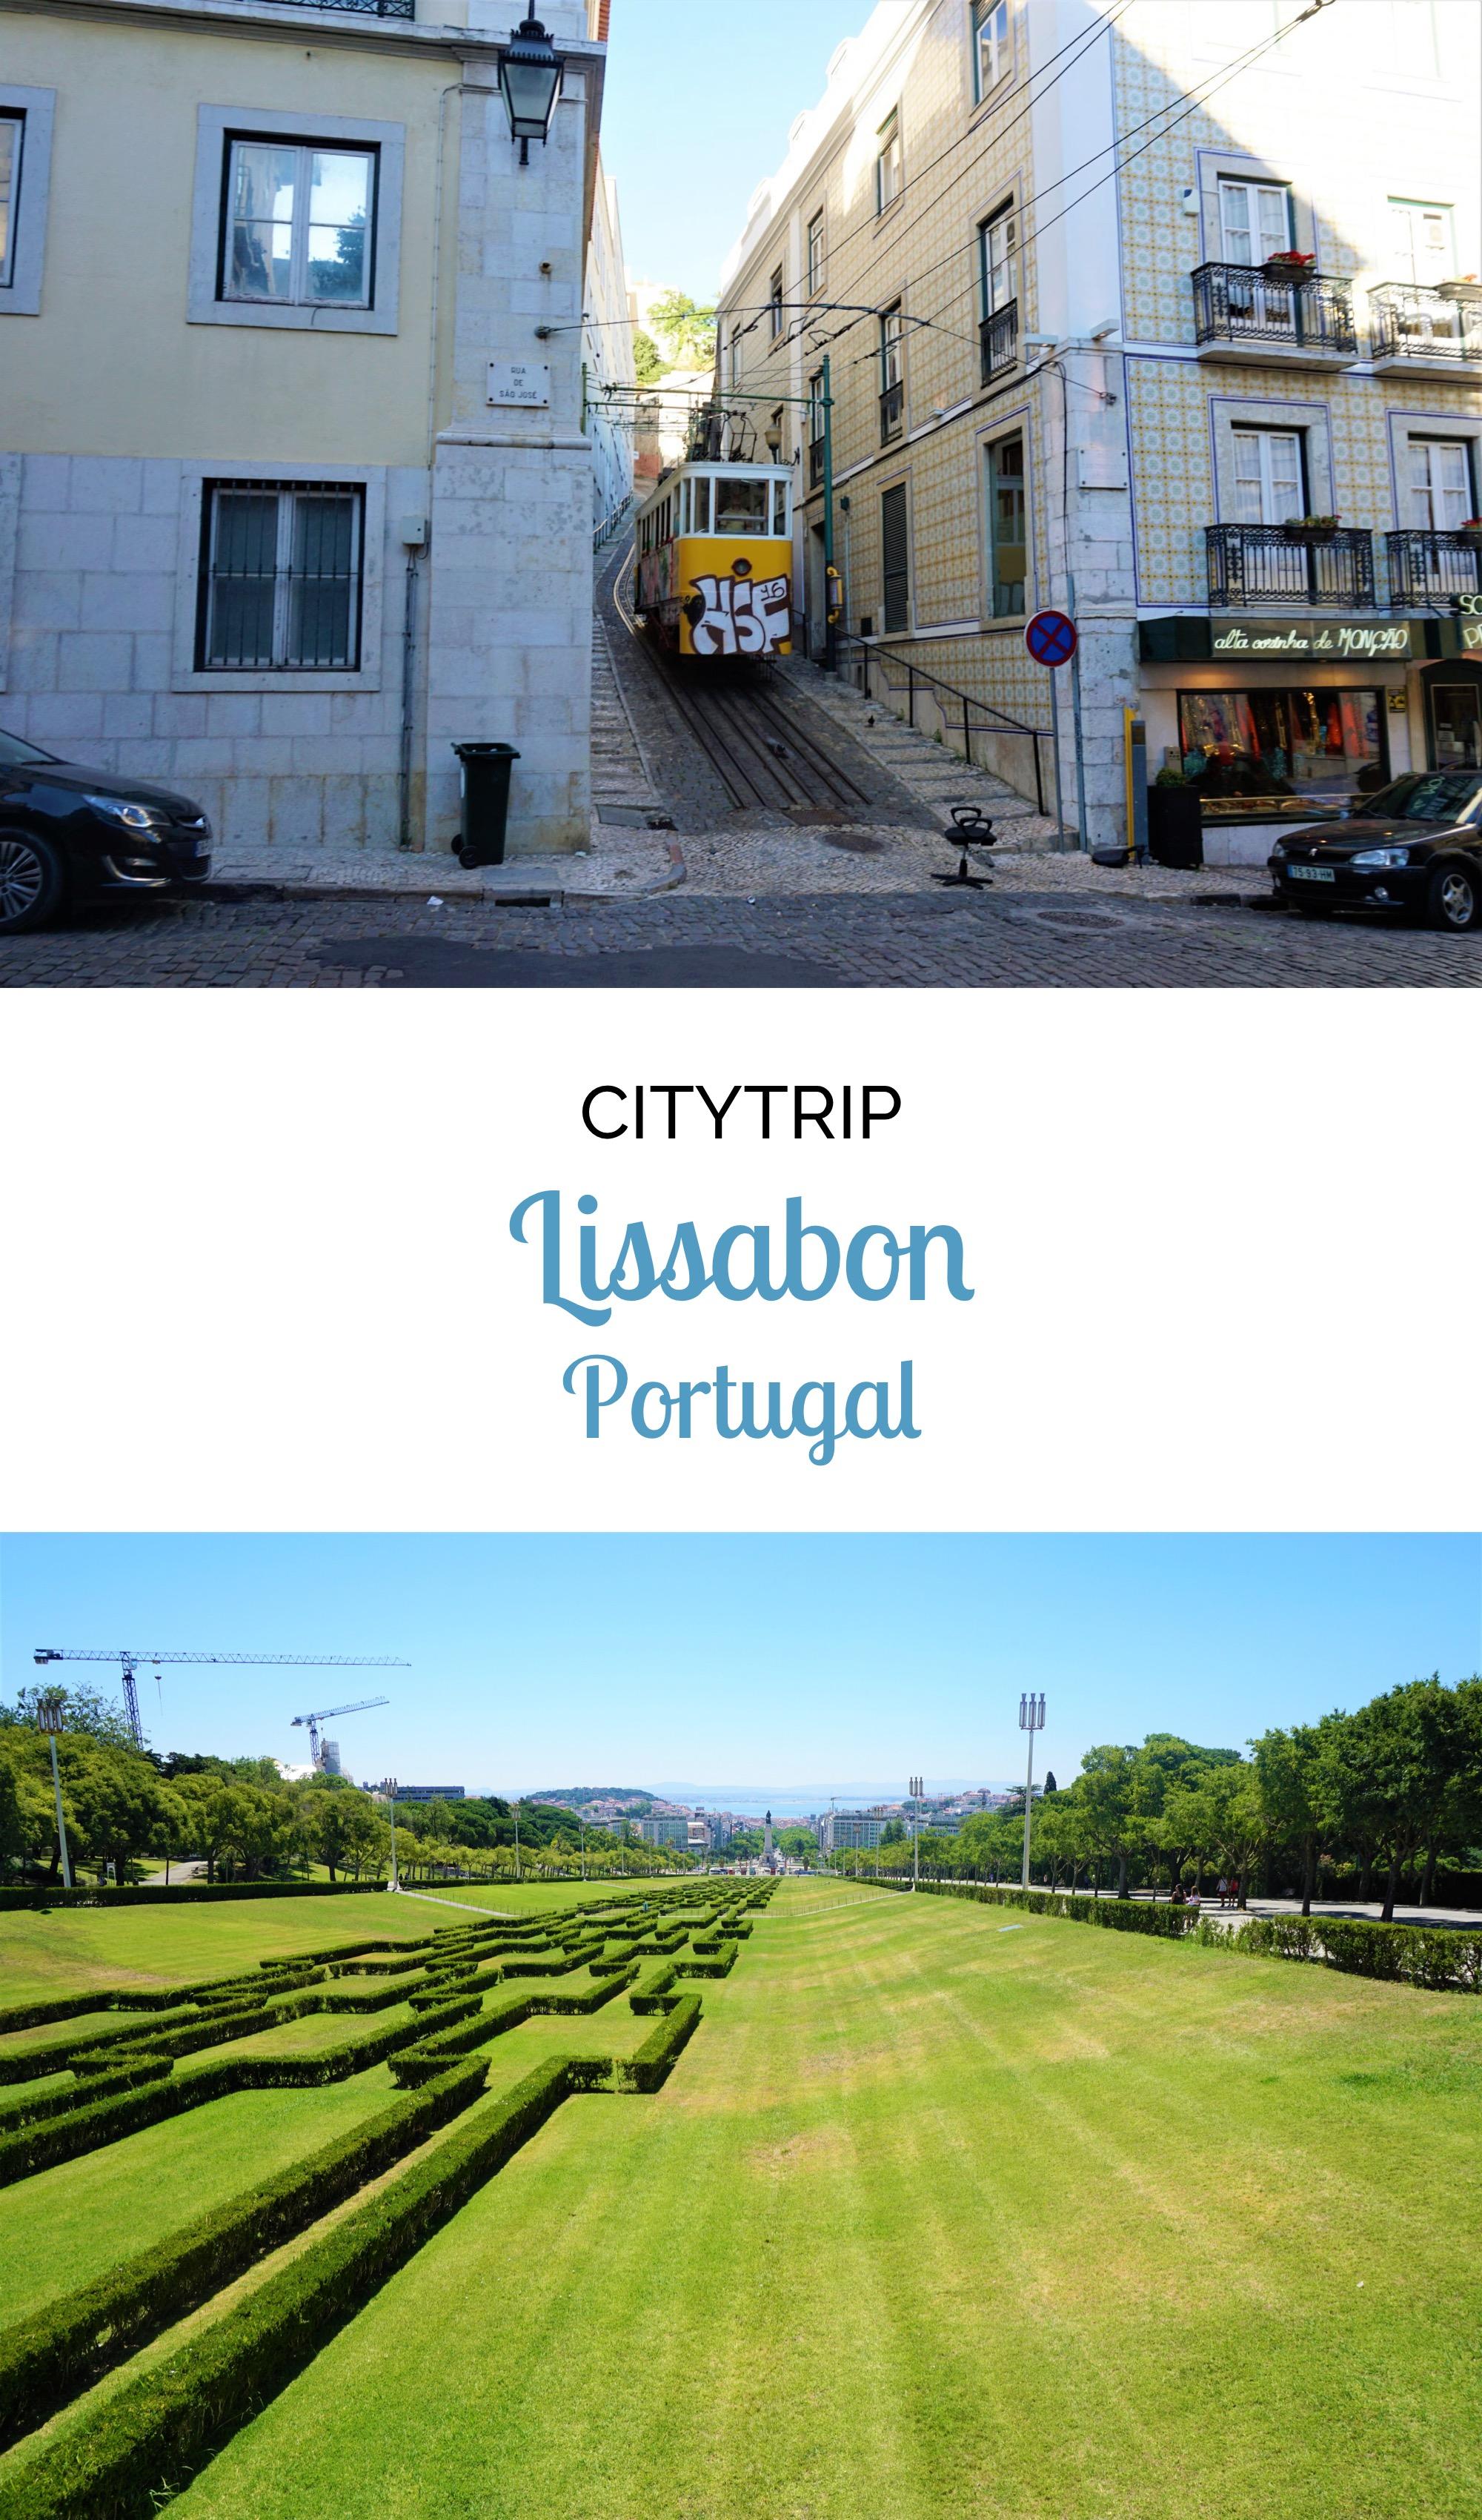 Stedentrip Lissabon - Highlights